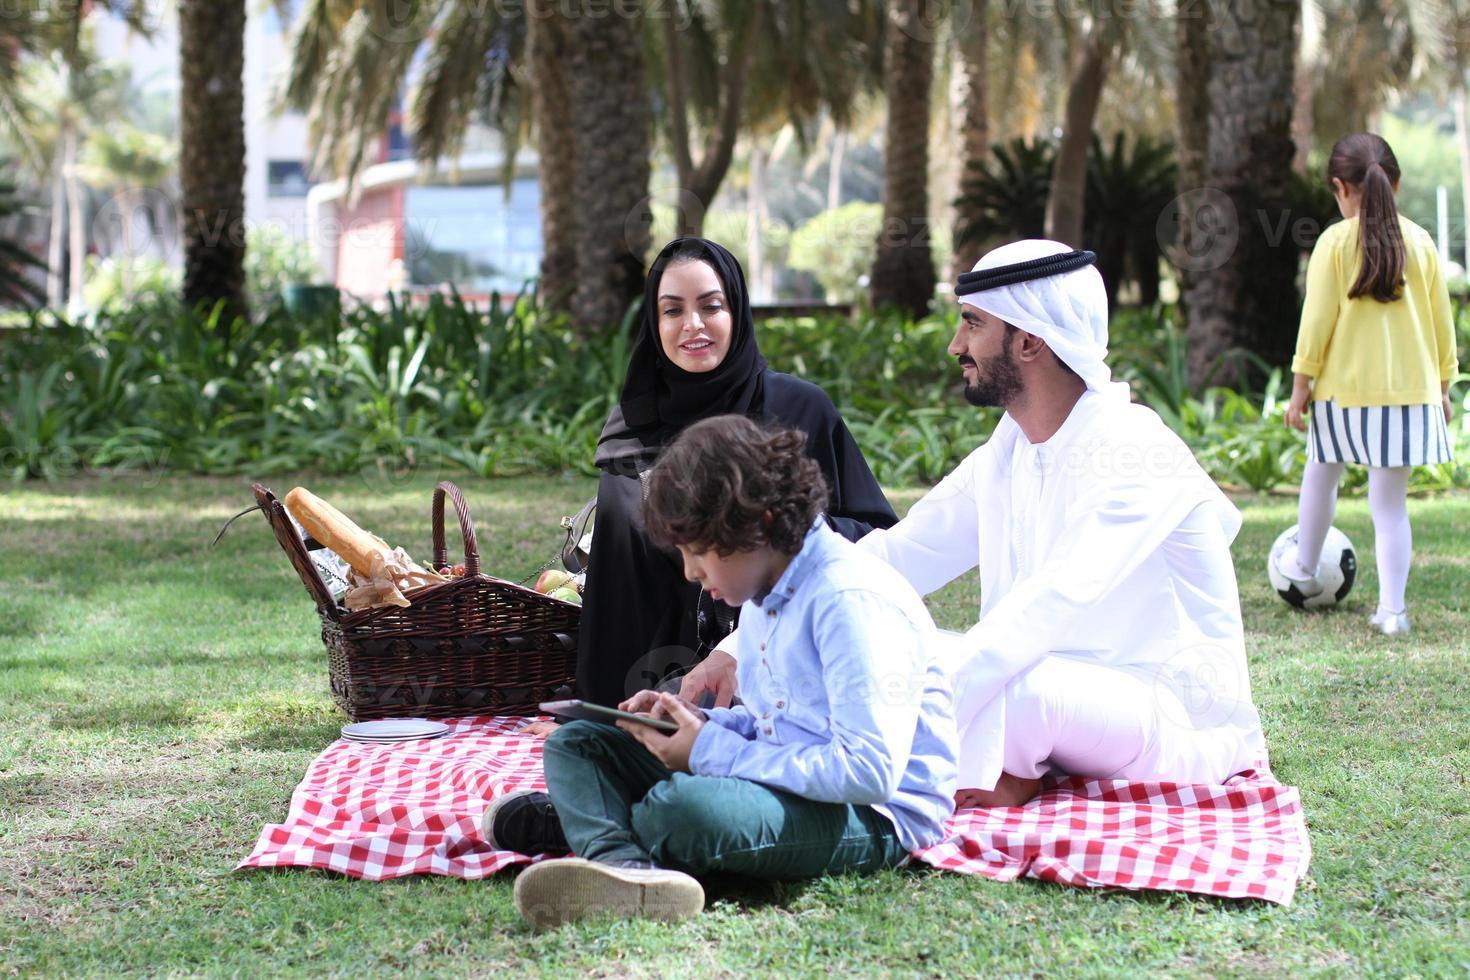 familie in picknick foto